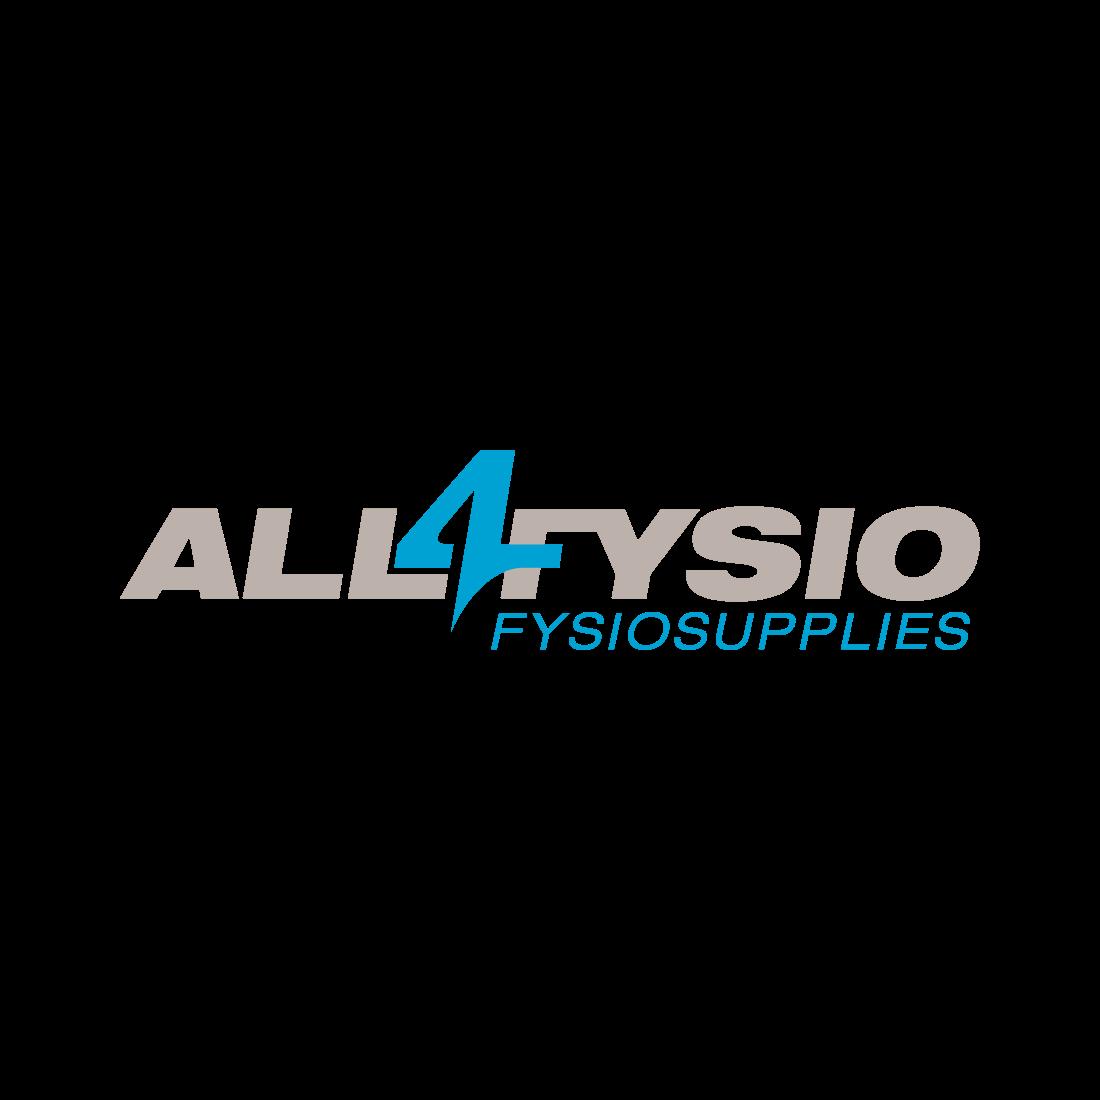 Herzog PRO Compressiekousen Oranje-Maat 3-Lang been: 39,1 - 46 cm-Grote voet: 40 - 44